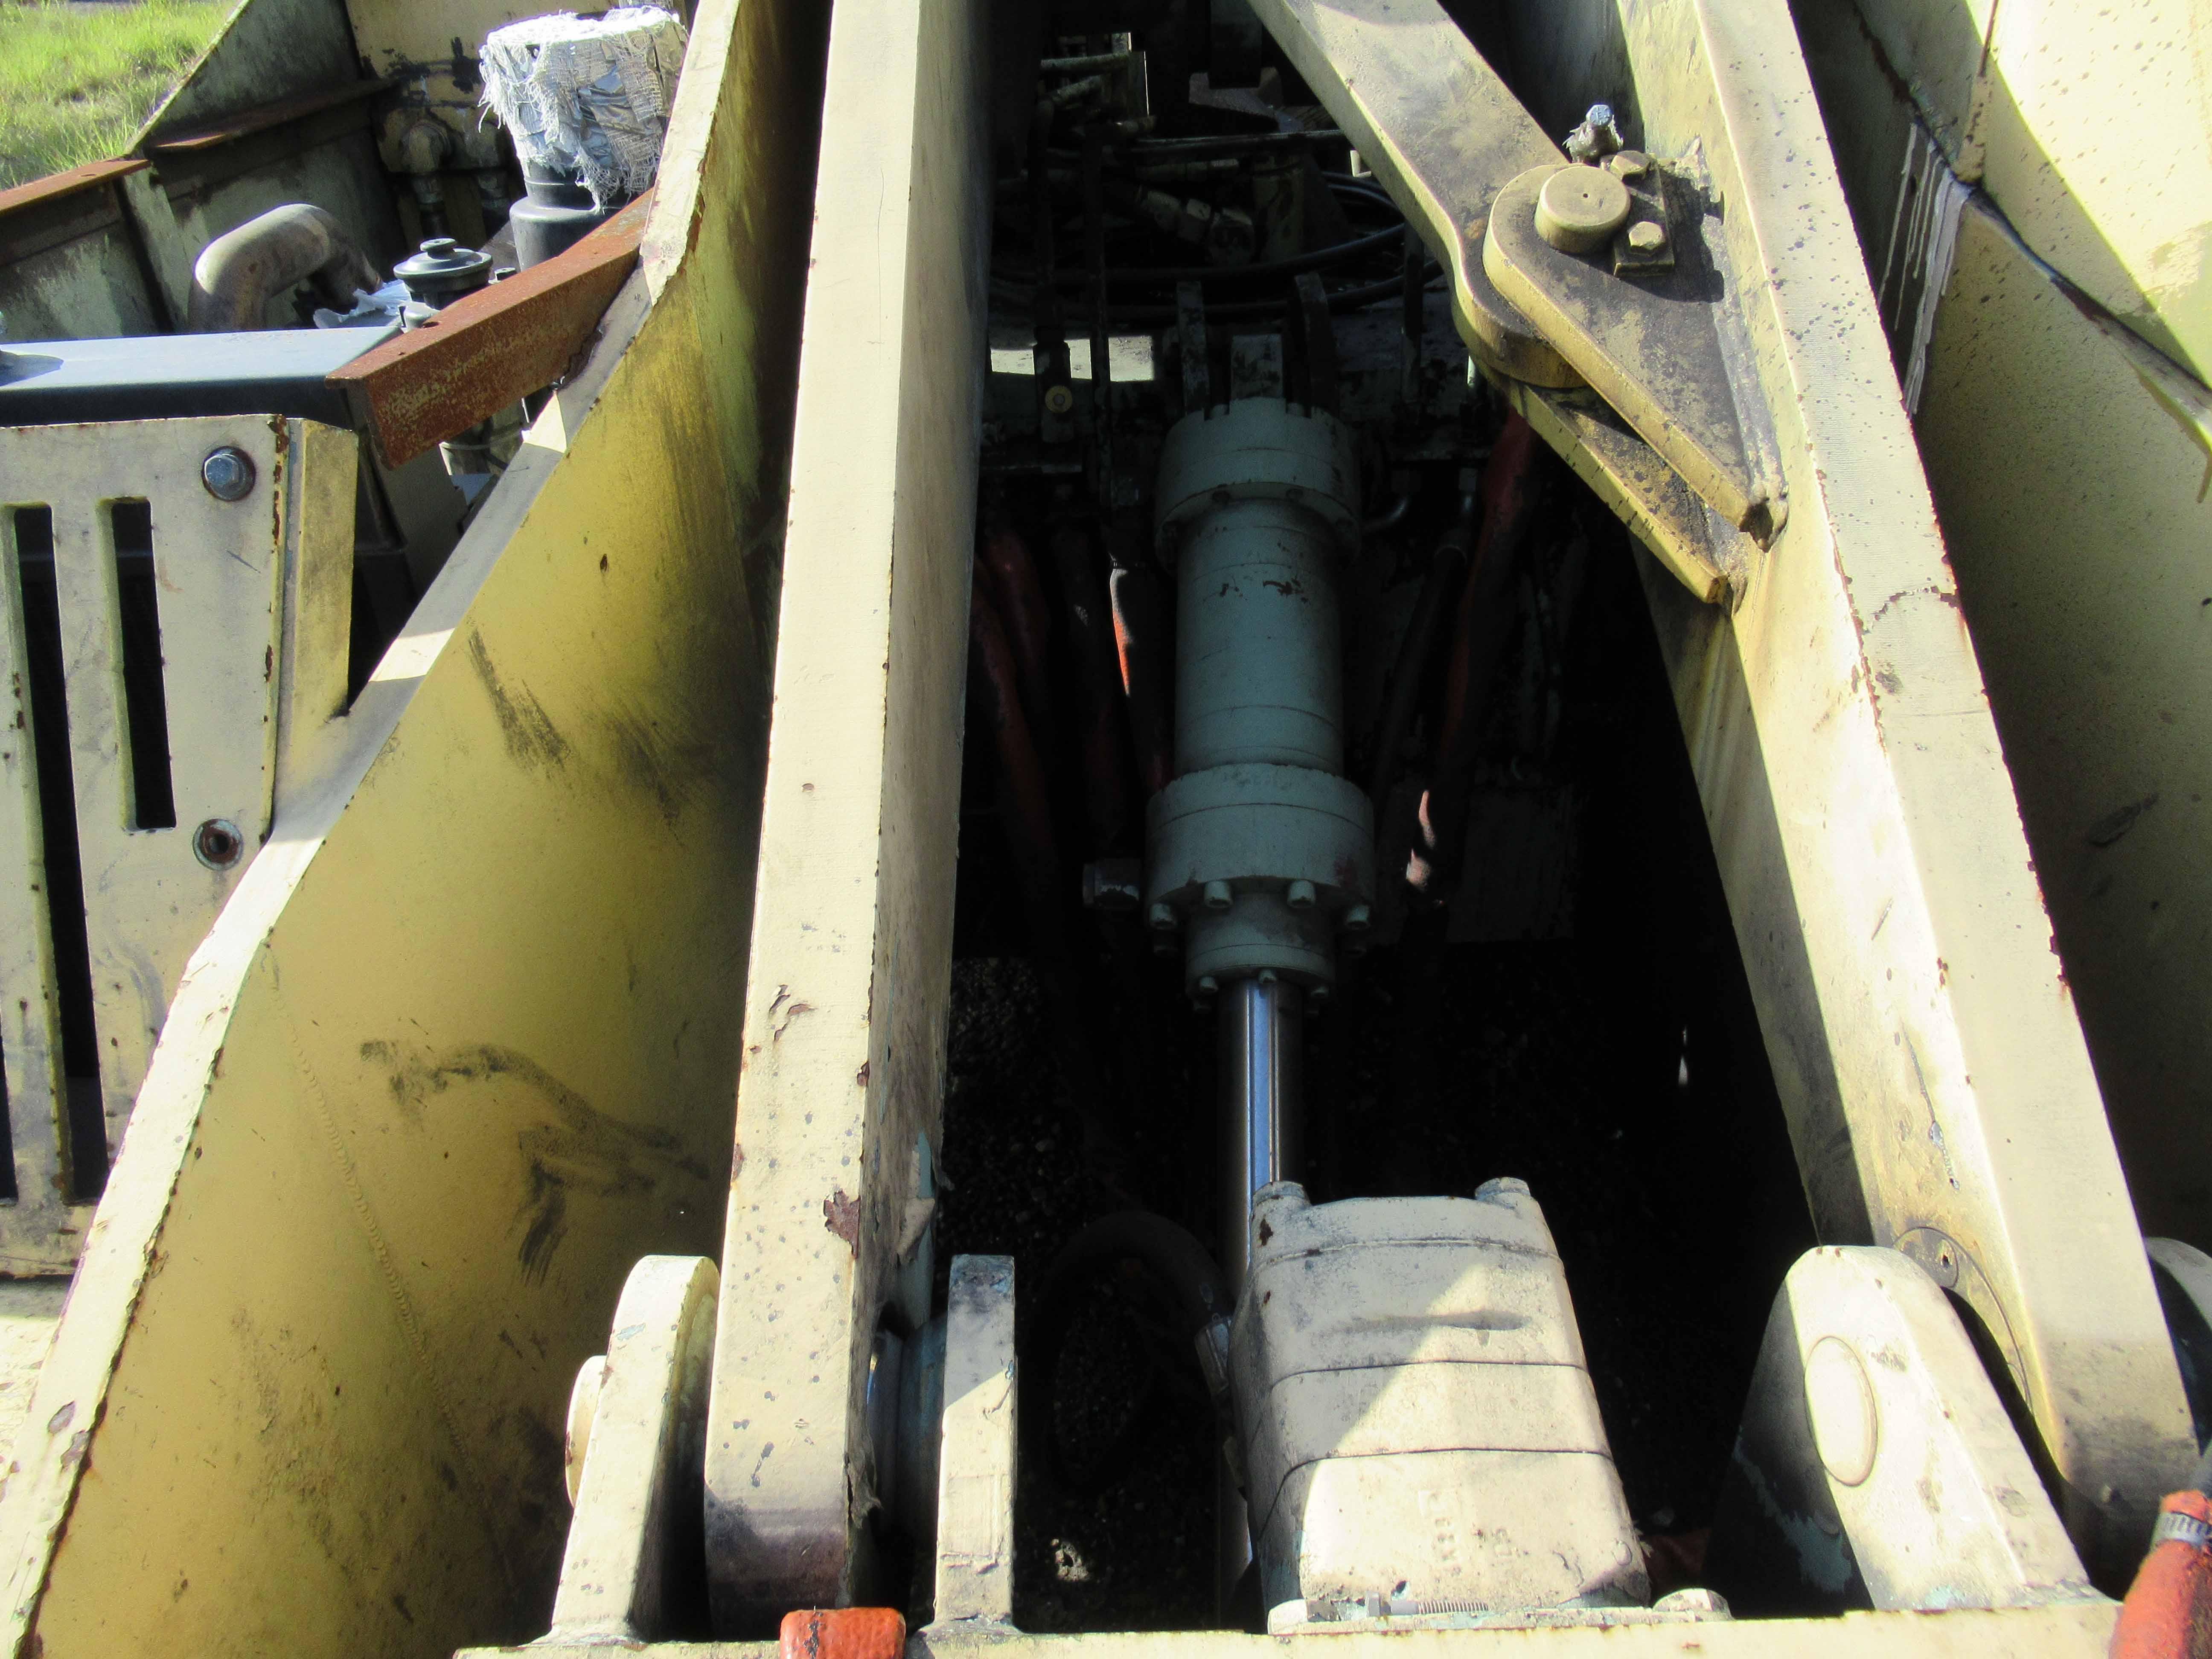 Lot 24 - DANGO 3,000 LB. CAP. FORGING MANIPULATOR, lift & rotate controls. Steel toe shoes, ear plugs and